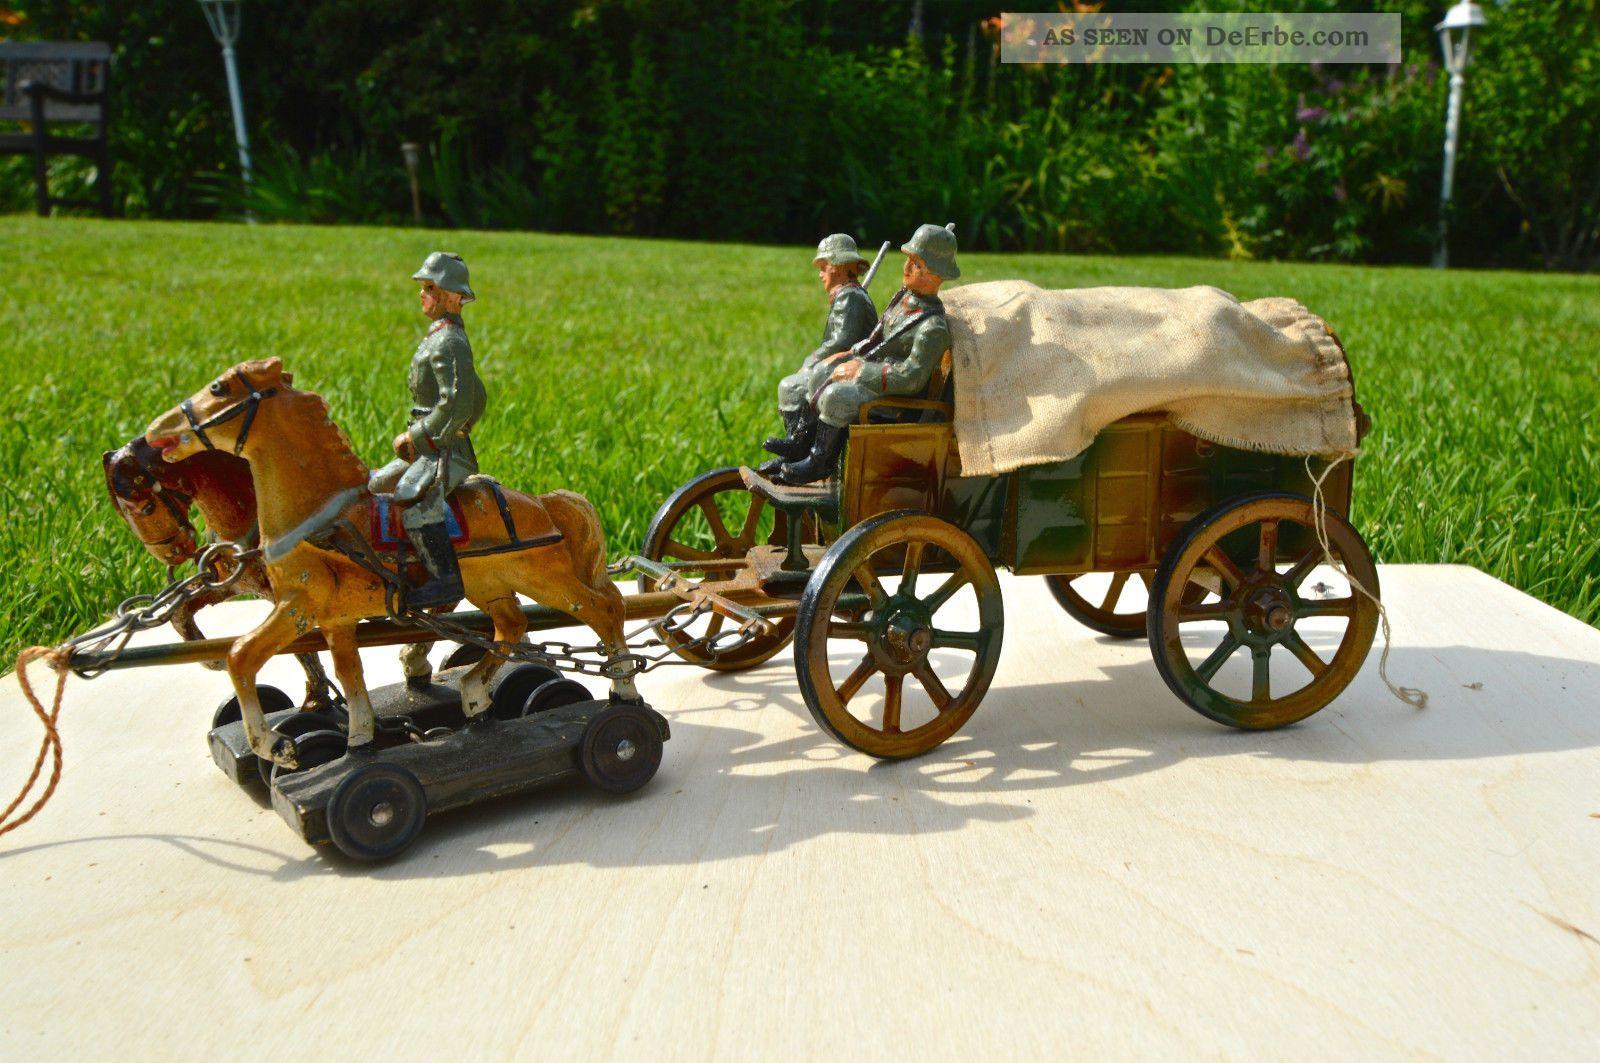 Lineol Planwagen,  Blechspielzeug,  Mit Beleuchter,  Soldat,  Rarität Original, gefertigt vor 1945 Bild